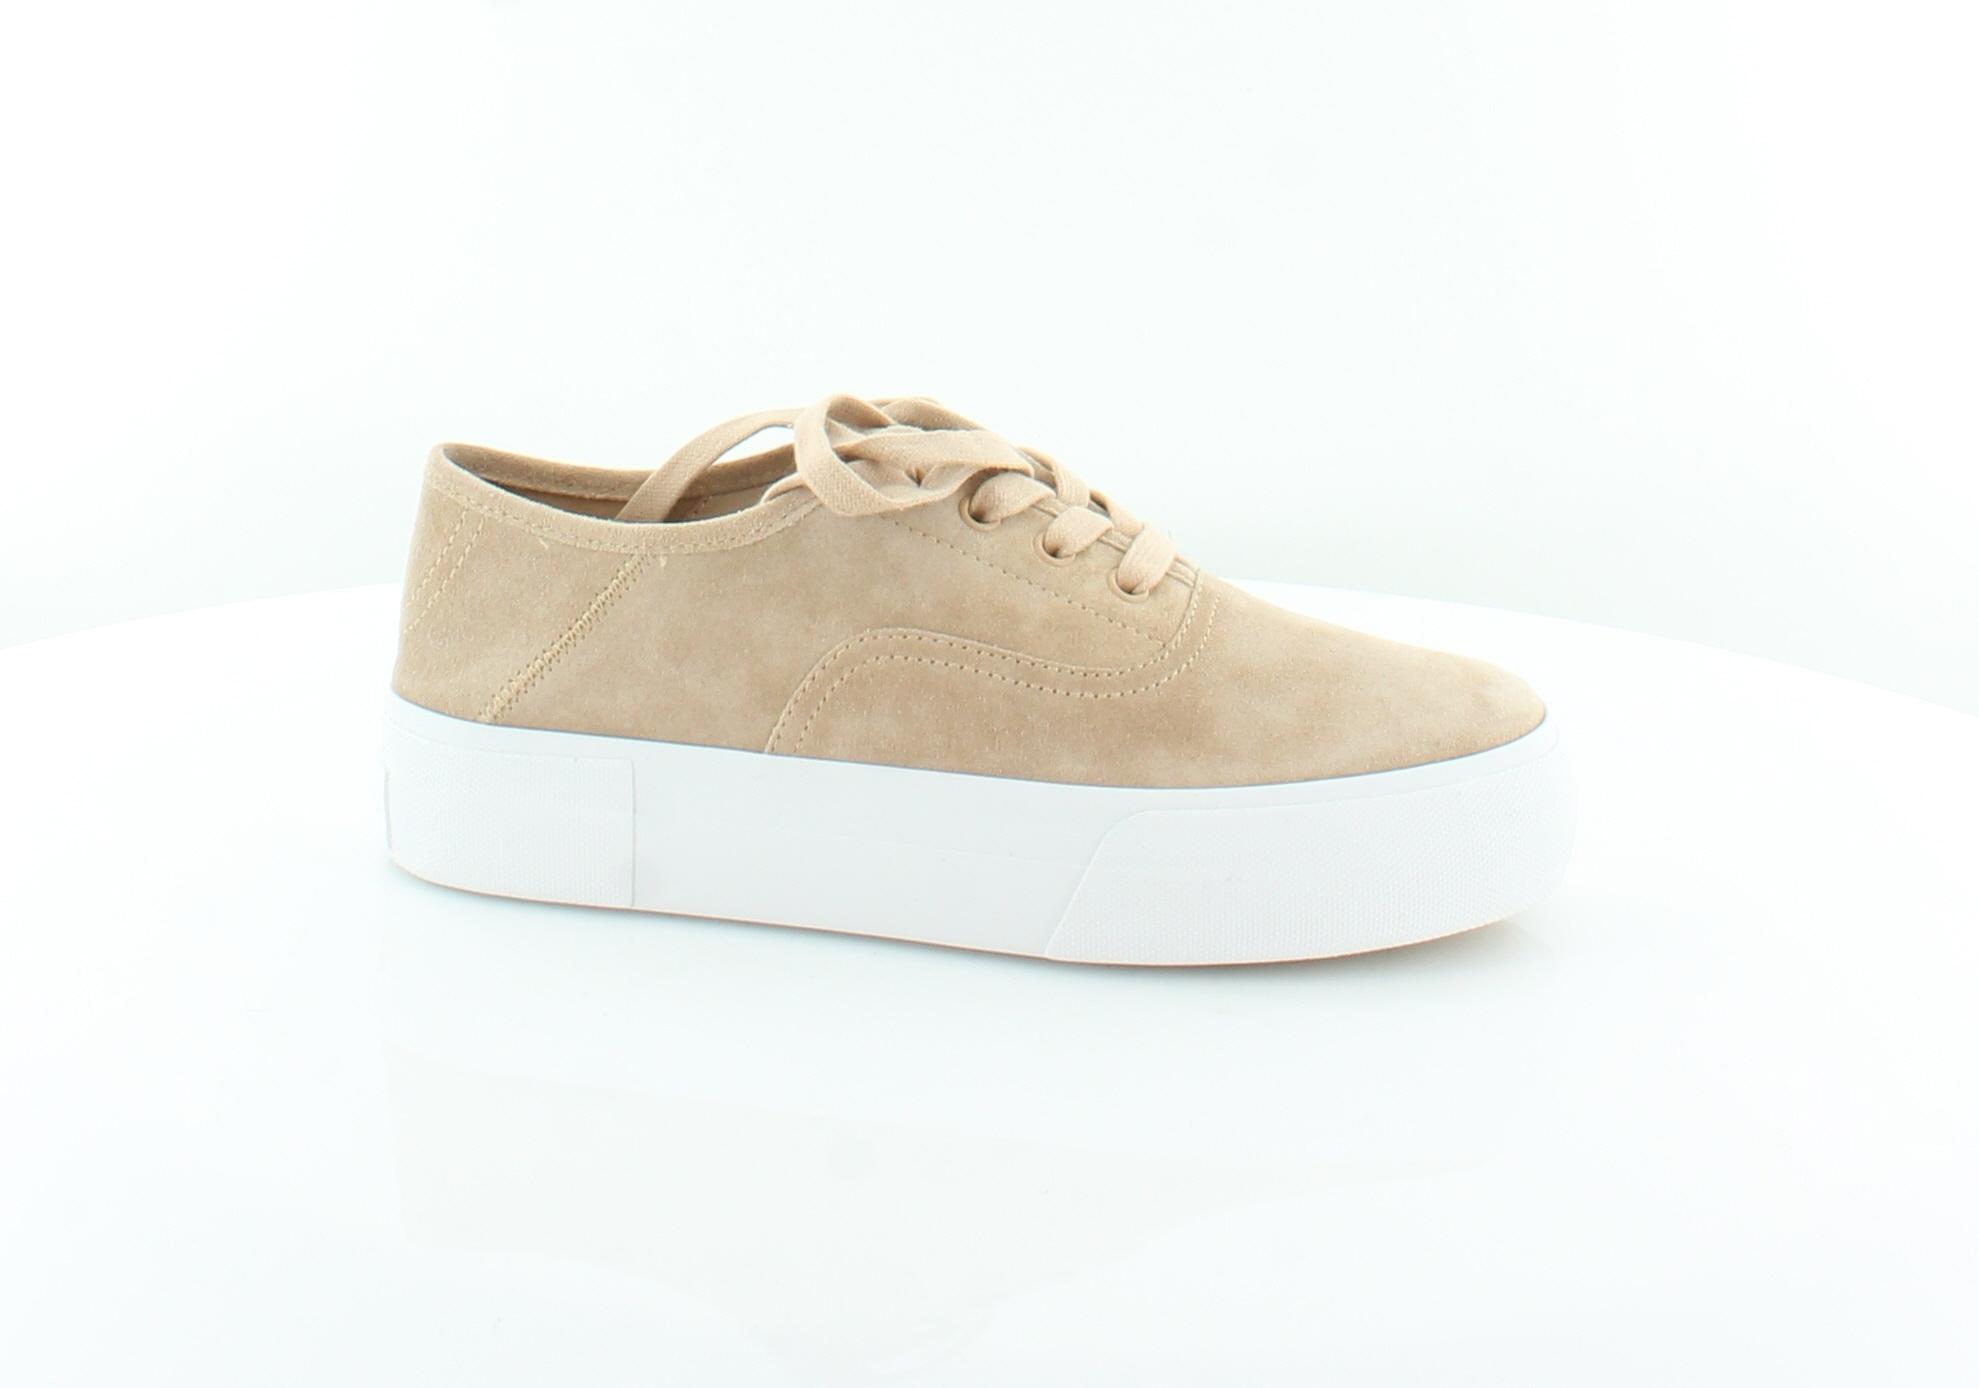 Nuevos Zapatos para mujer mujer mujer oro Copley Vince tamaño 6 M Moda tenis precio minorista sugerido por el fabricante  250  grandes ofertas